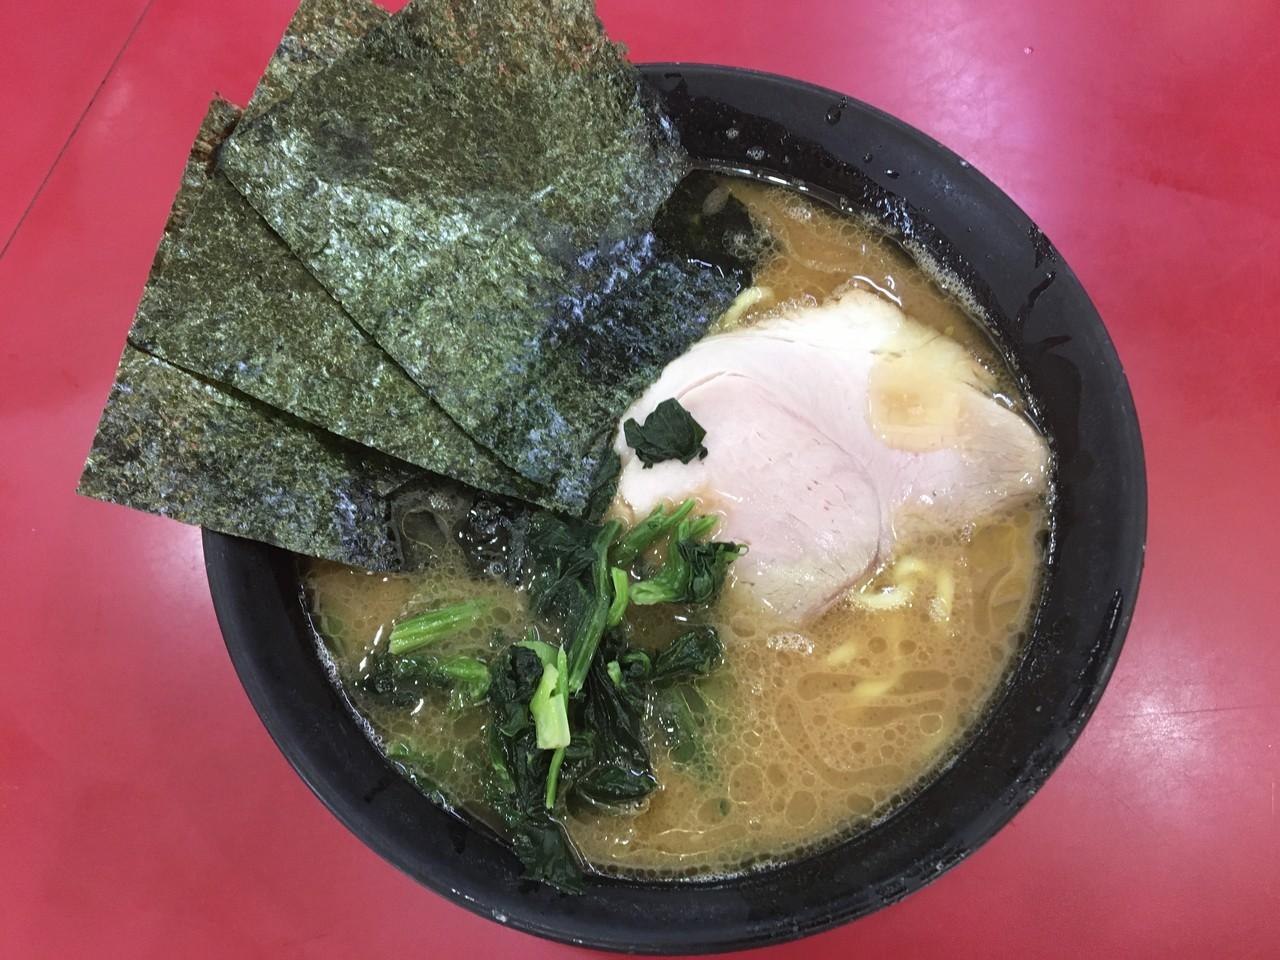 【最新版】ここだけは必ず訪問しておきたい!千葉で人気のラーメン店10選 - サムネイル